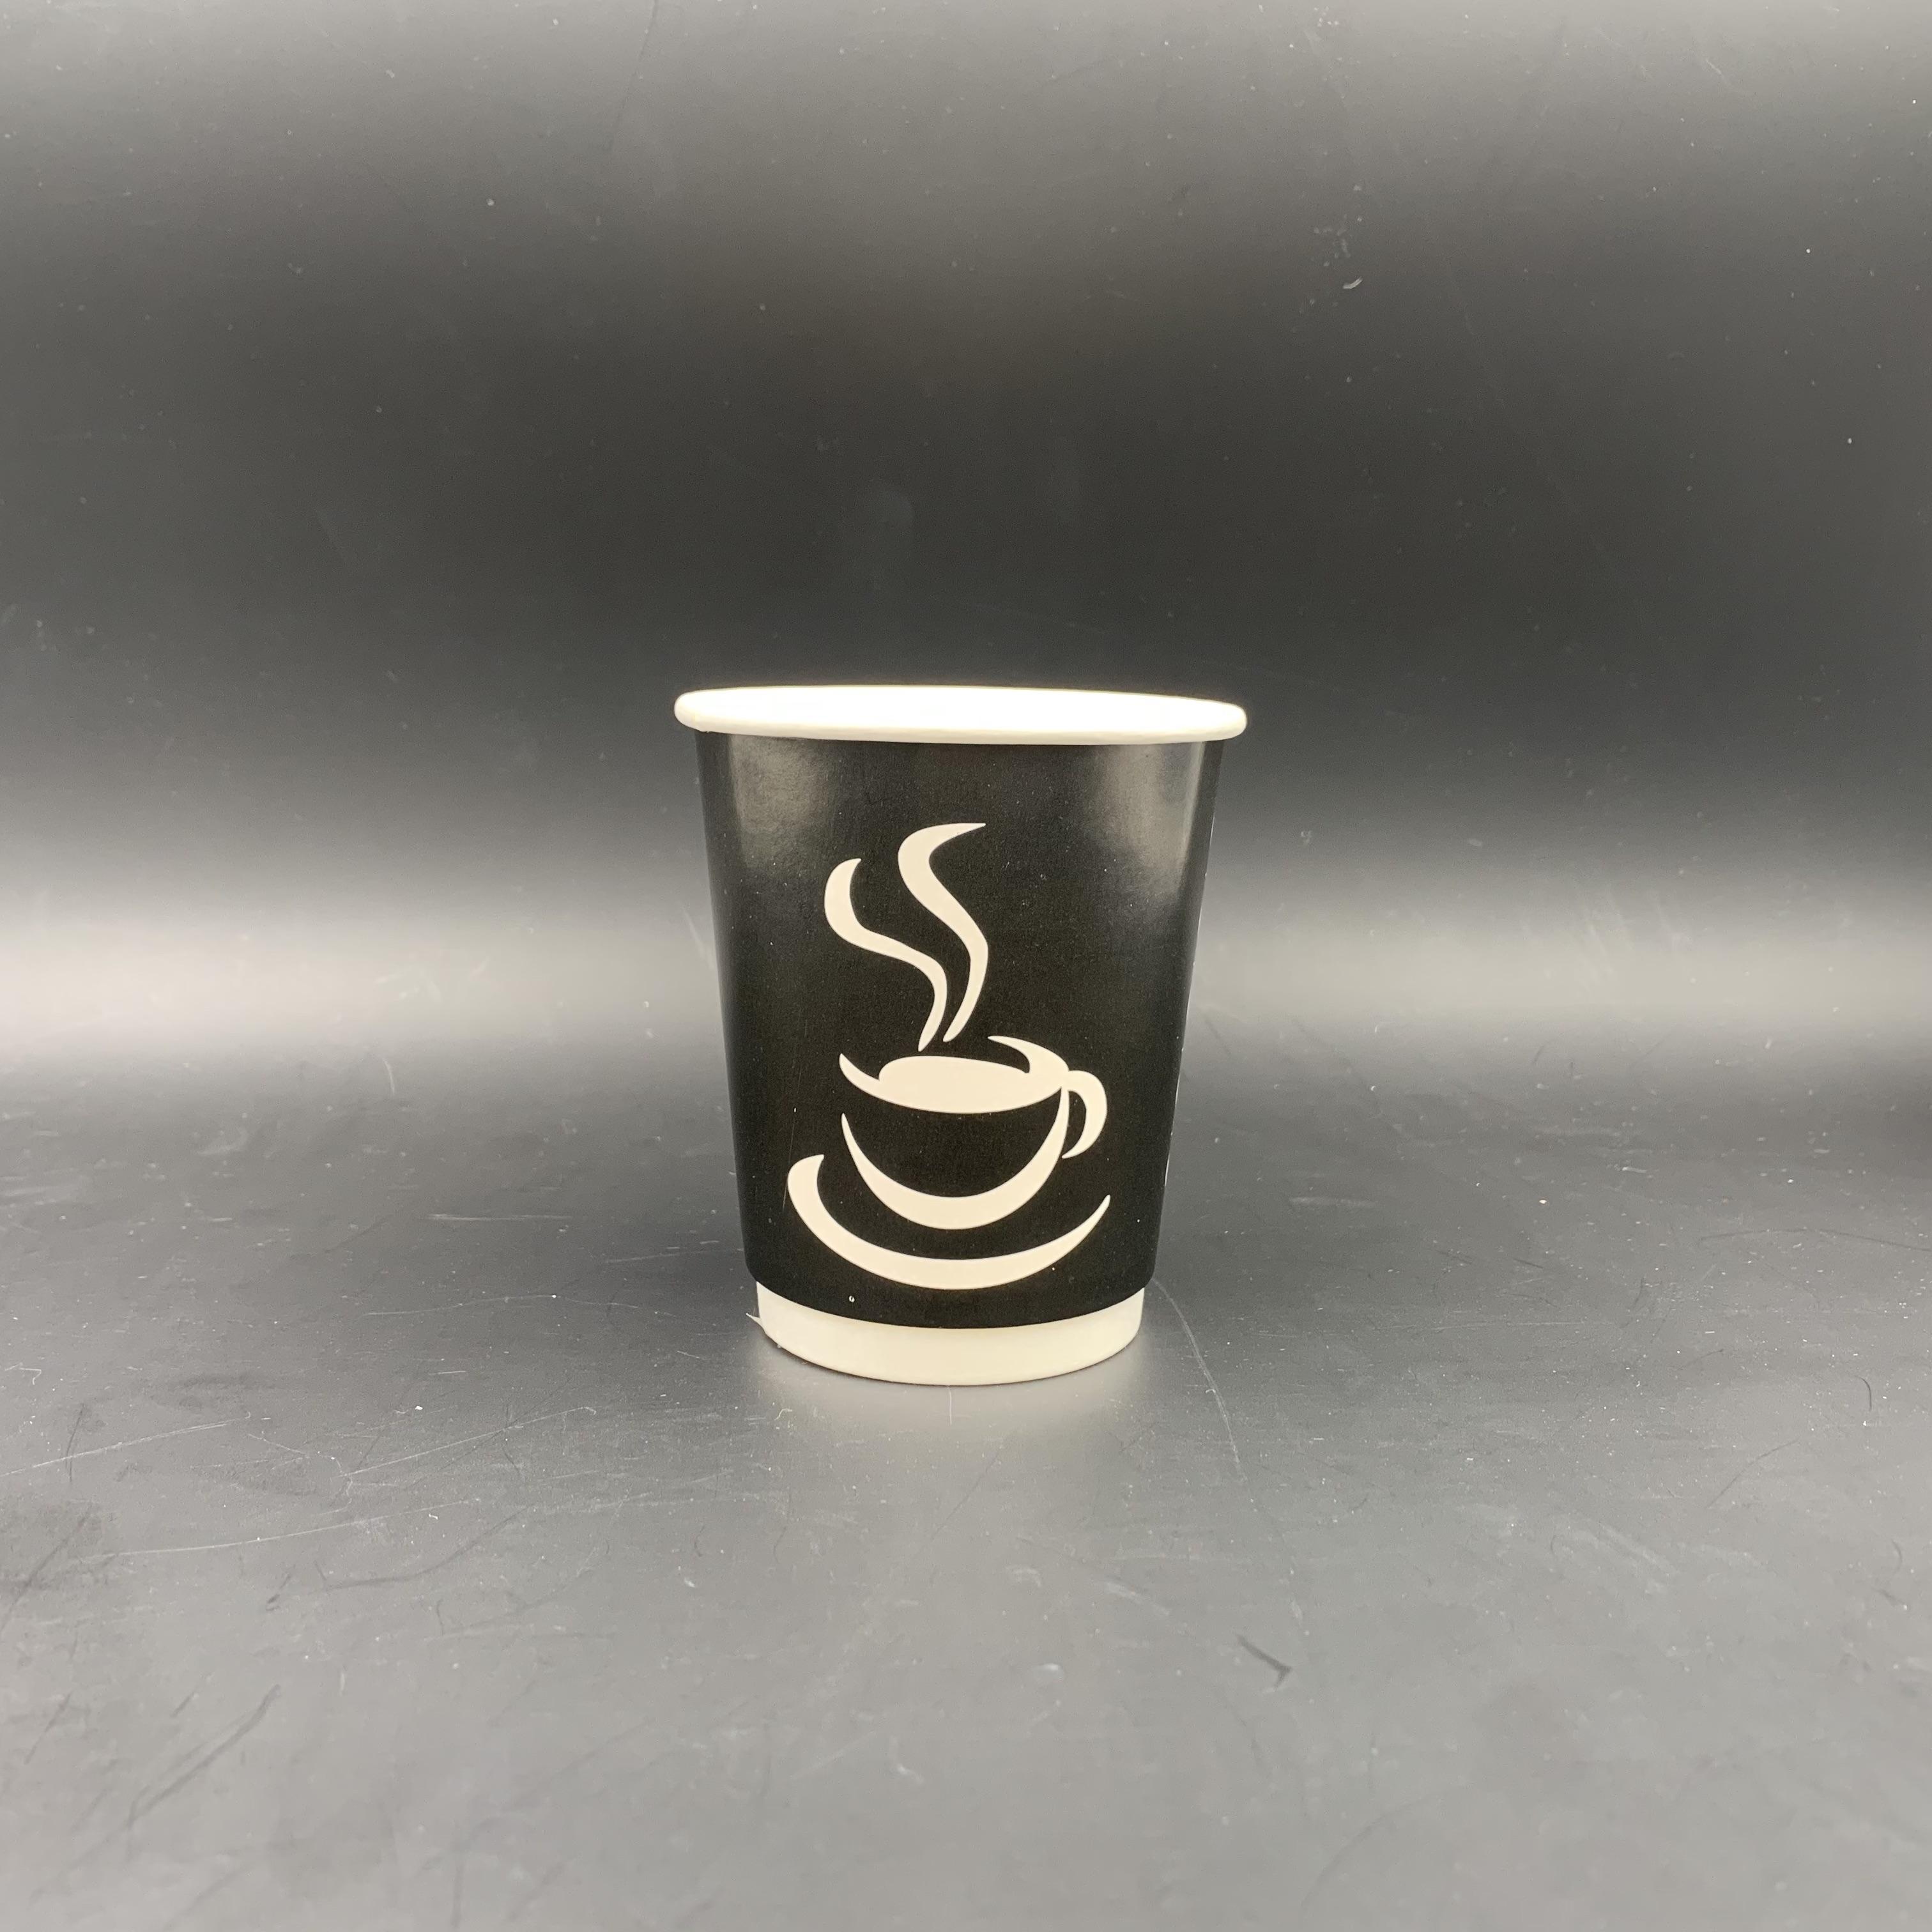 8oz 咖啡紙杯 (黑色底配咖啡杯圖案)